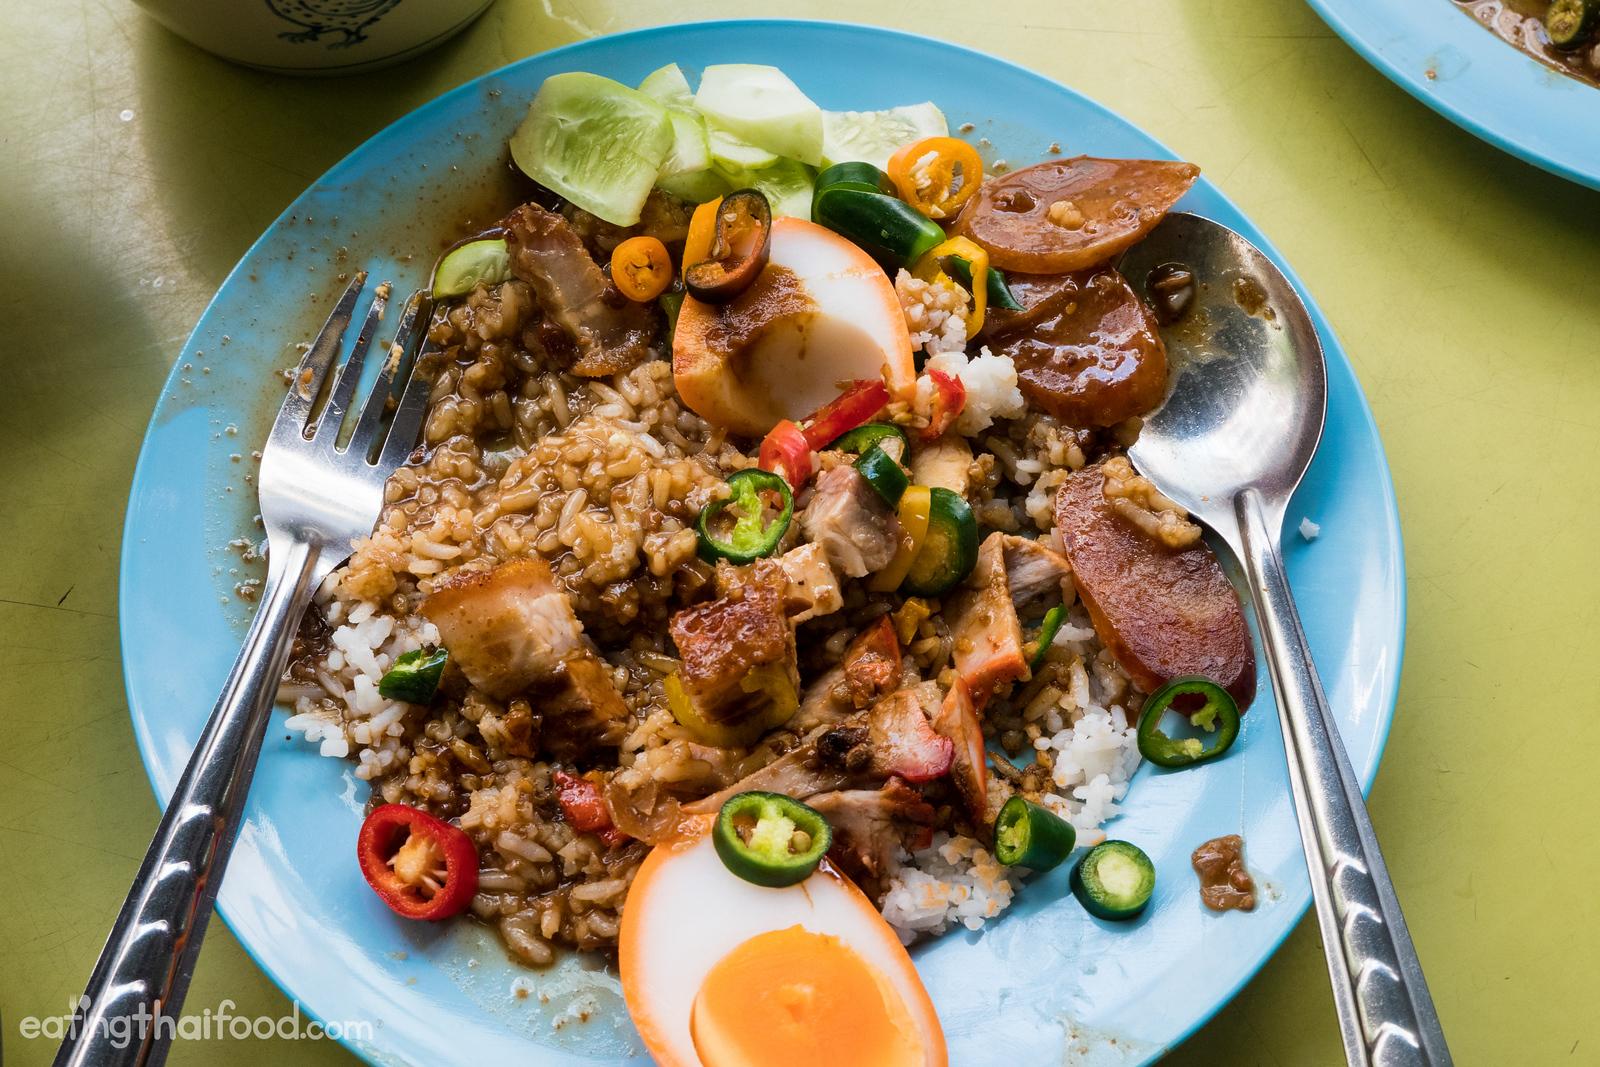 Thai khao moo daeng